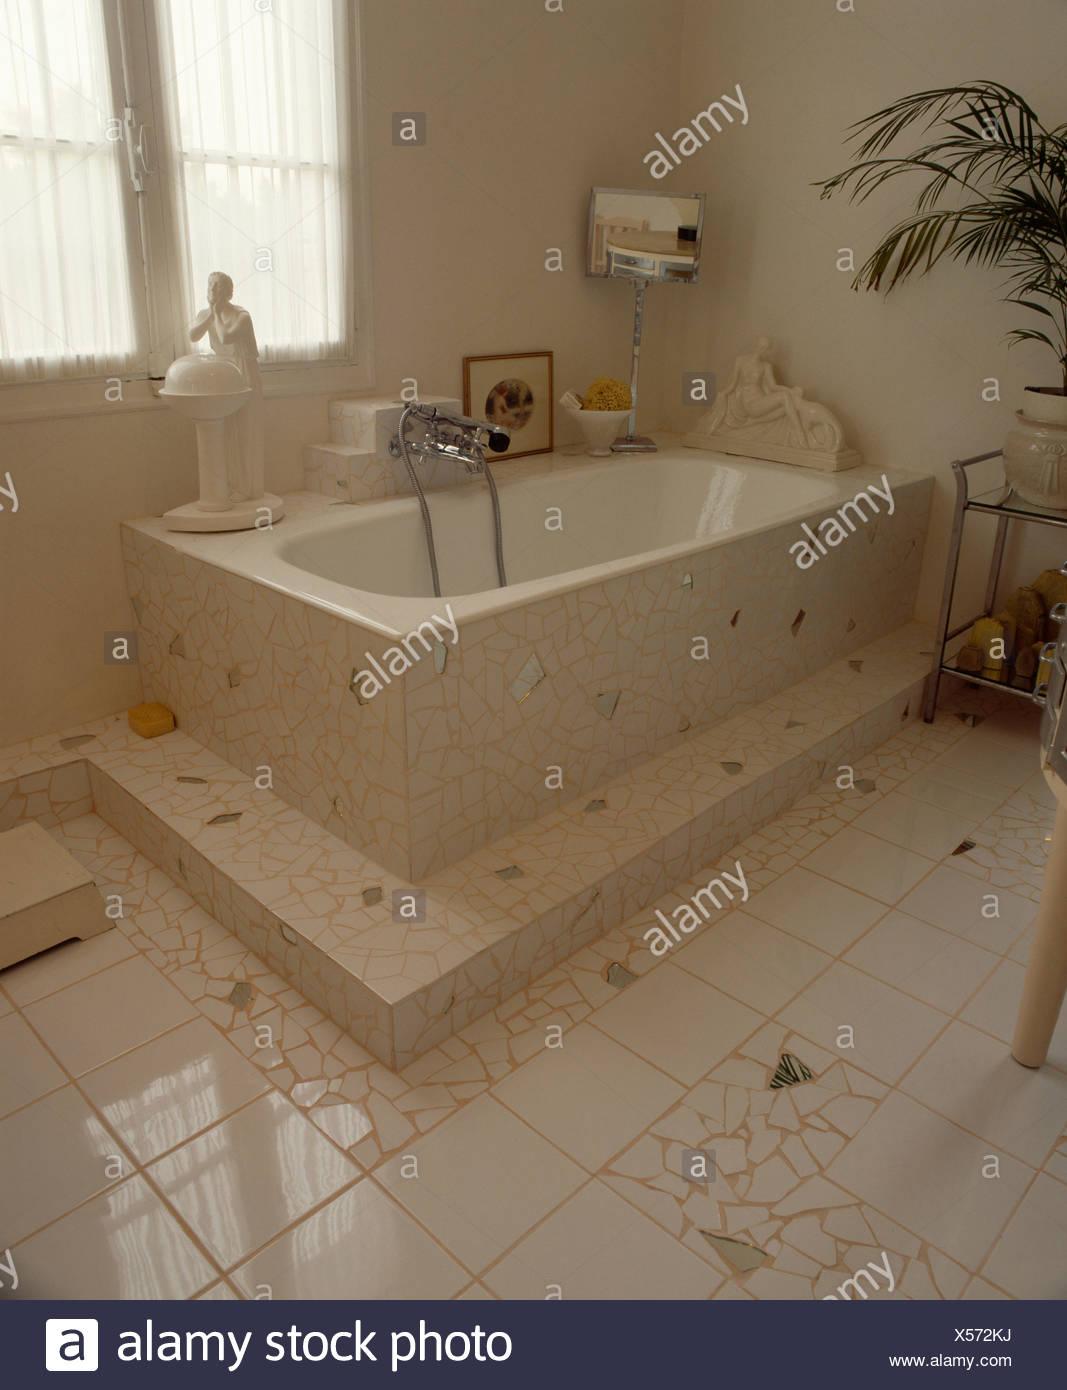 Baignoire et carreaux de miroir en blanc carrelage dans salle de ...